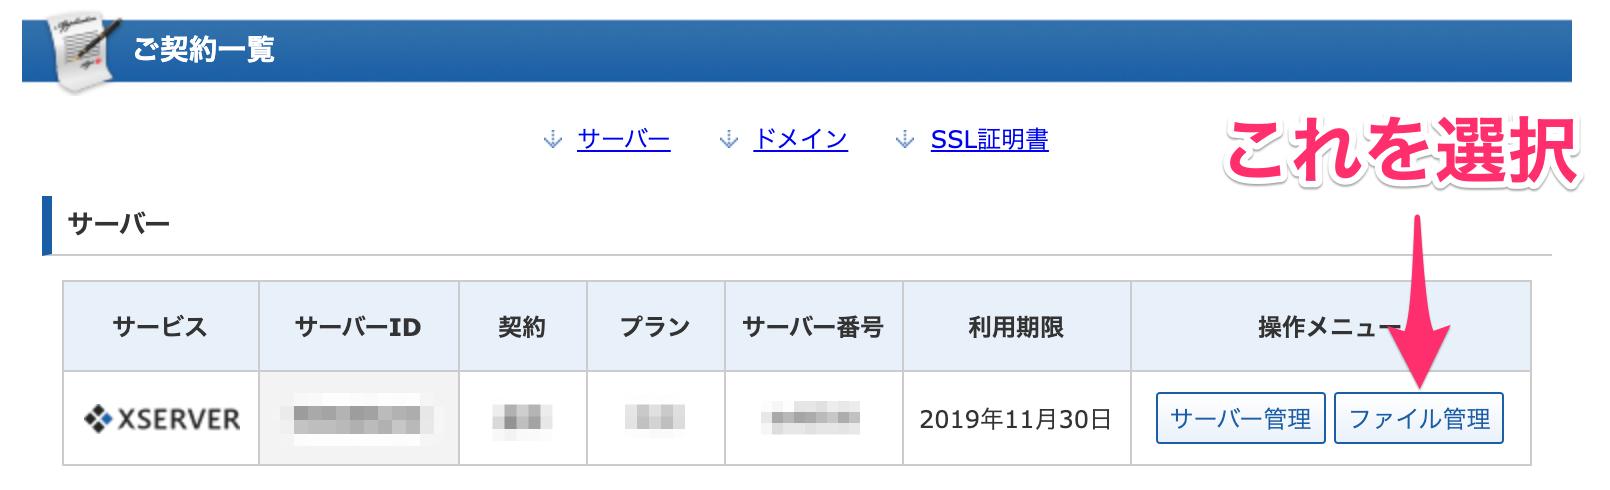 XSERVER - ファイル管理